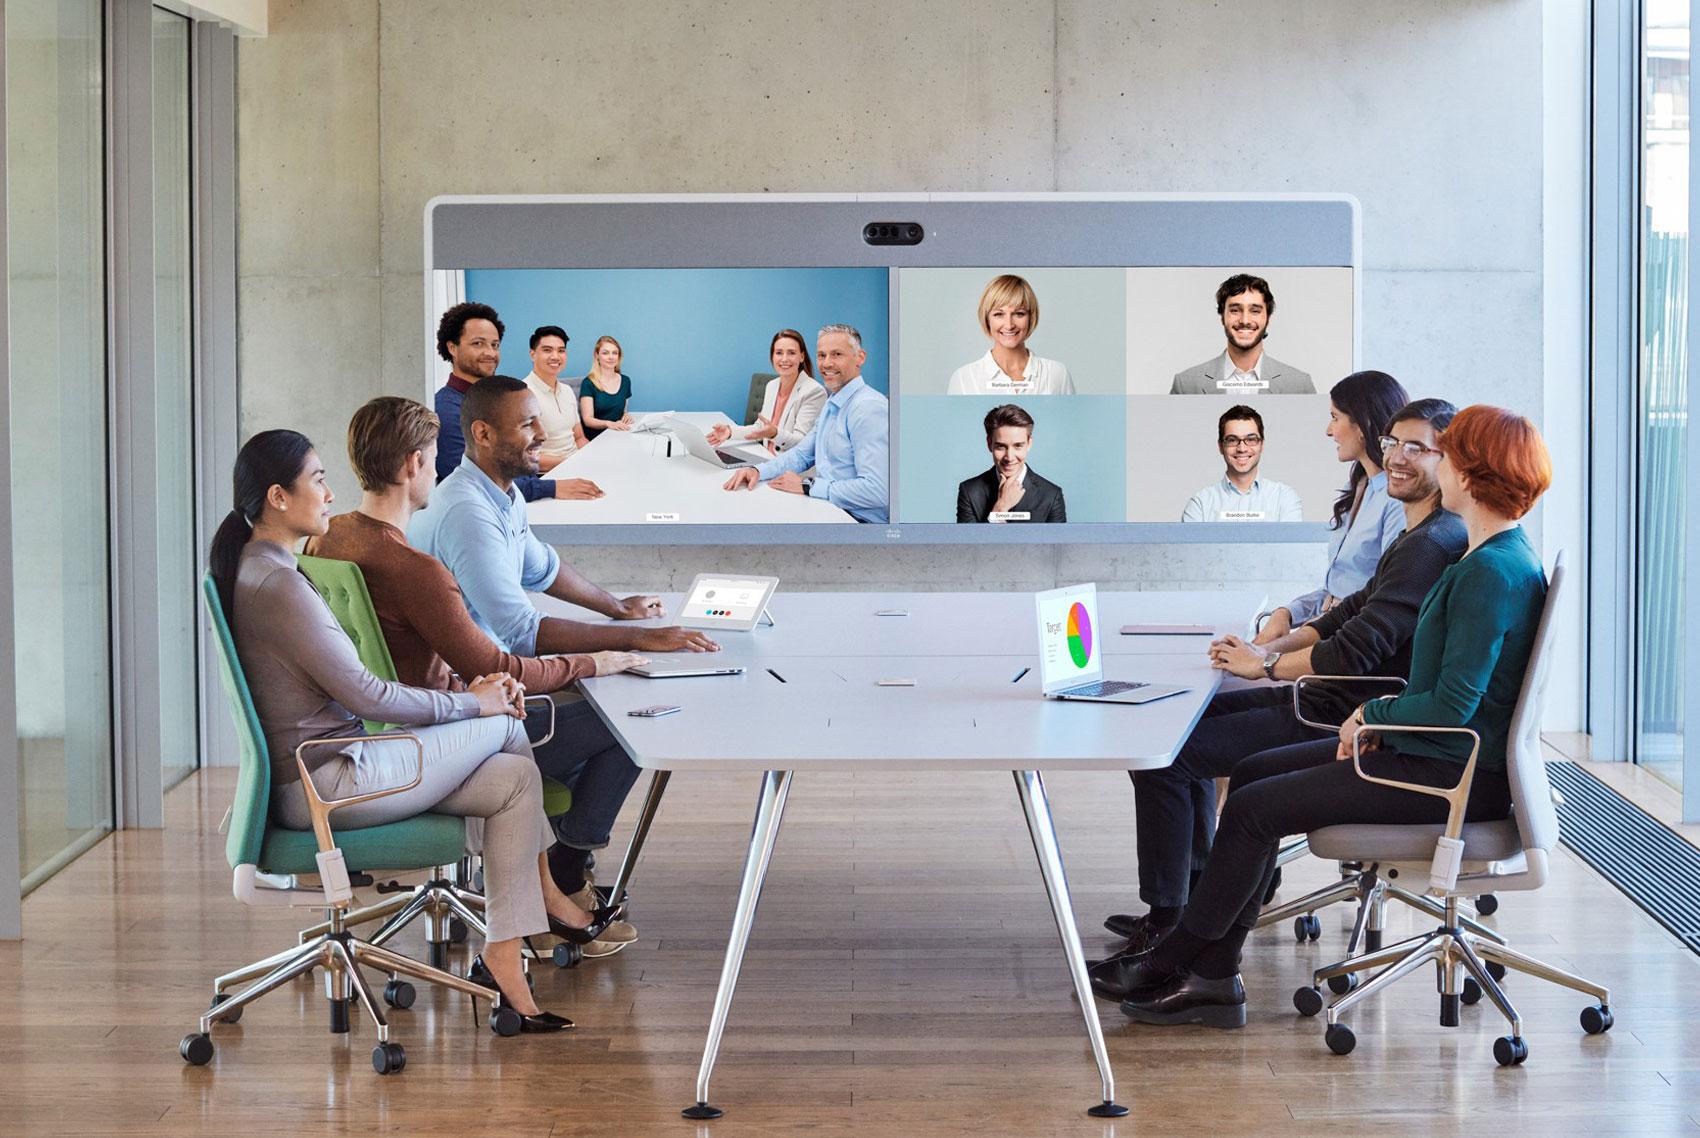 Ventajas de las soluciones de colaboración empresarial